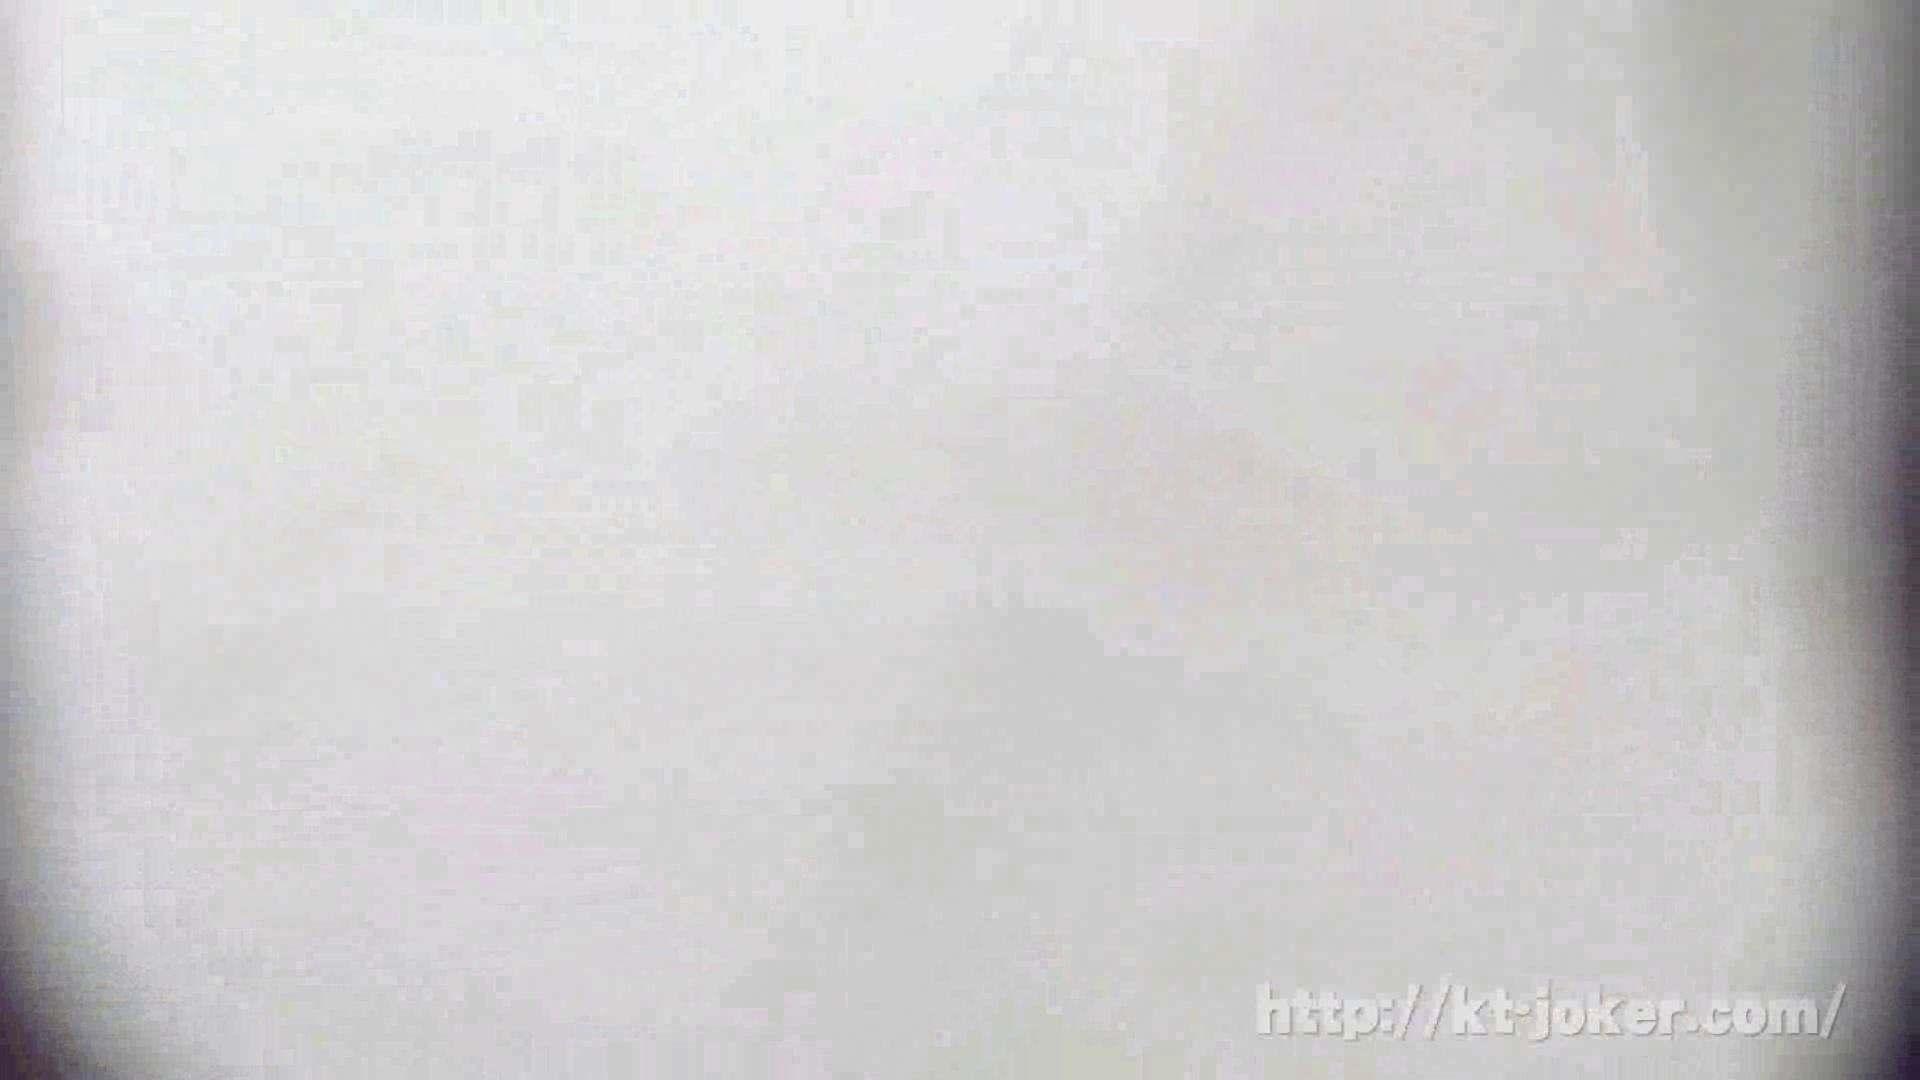 命がけ潜伏洗面所! vol.66 ナイスドアップ、外撮り!! OLの実態 のぞき動画画像 71pic 2